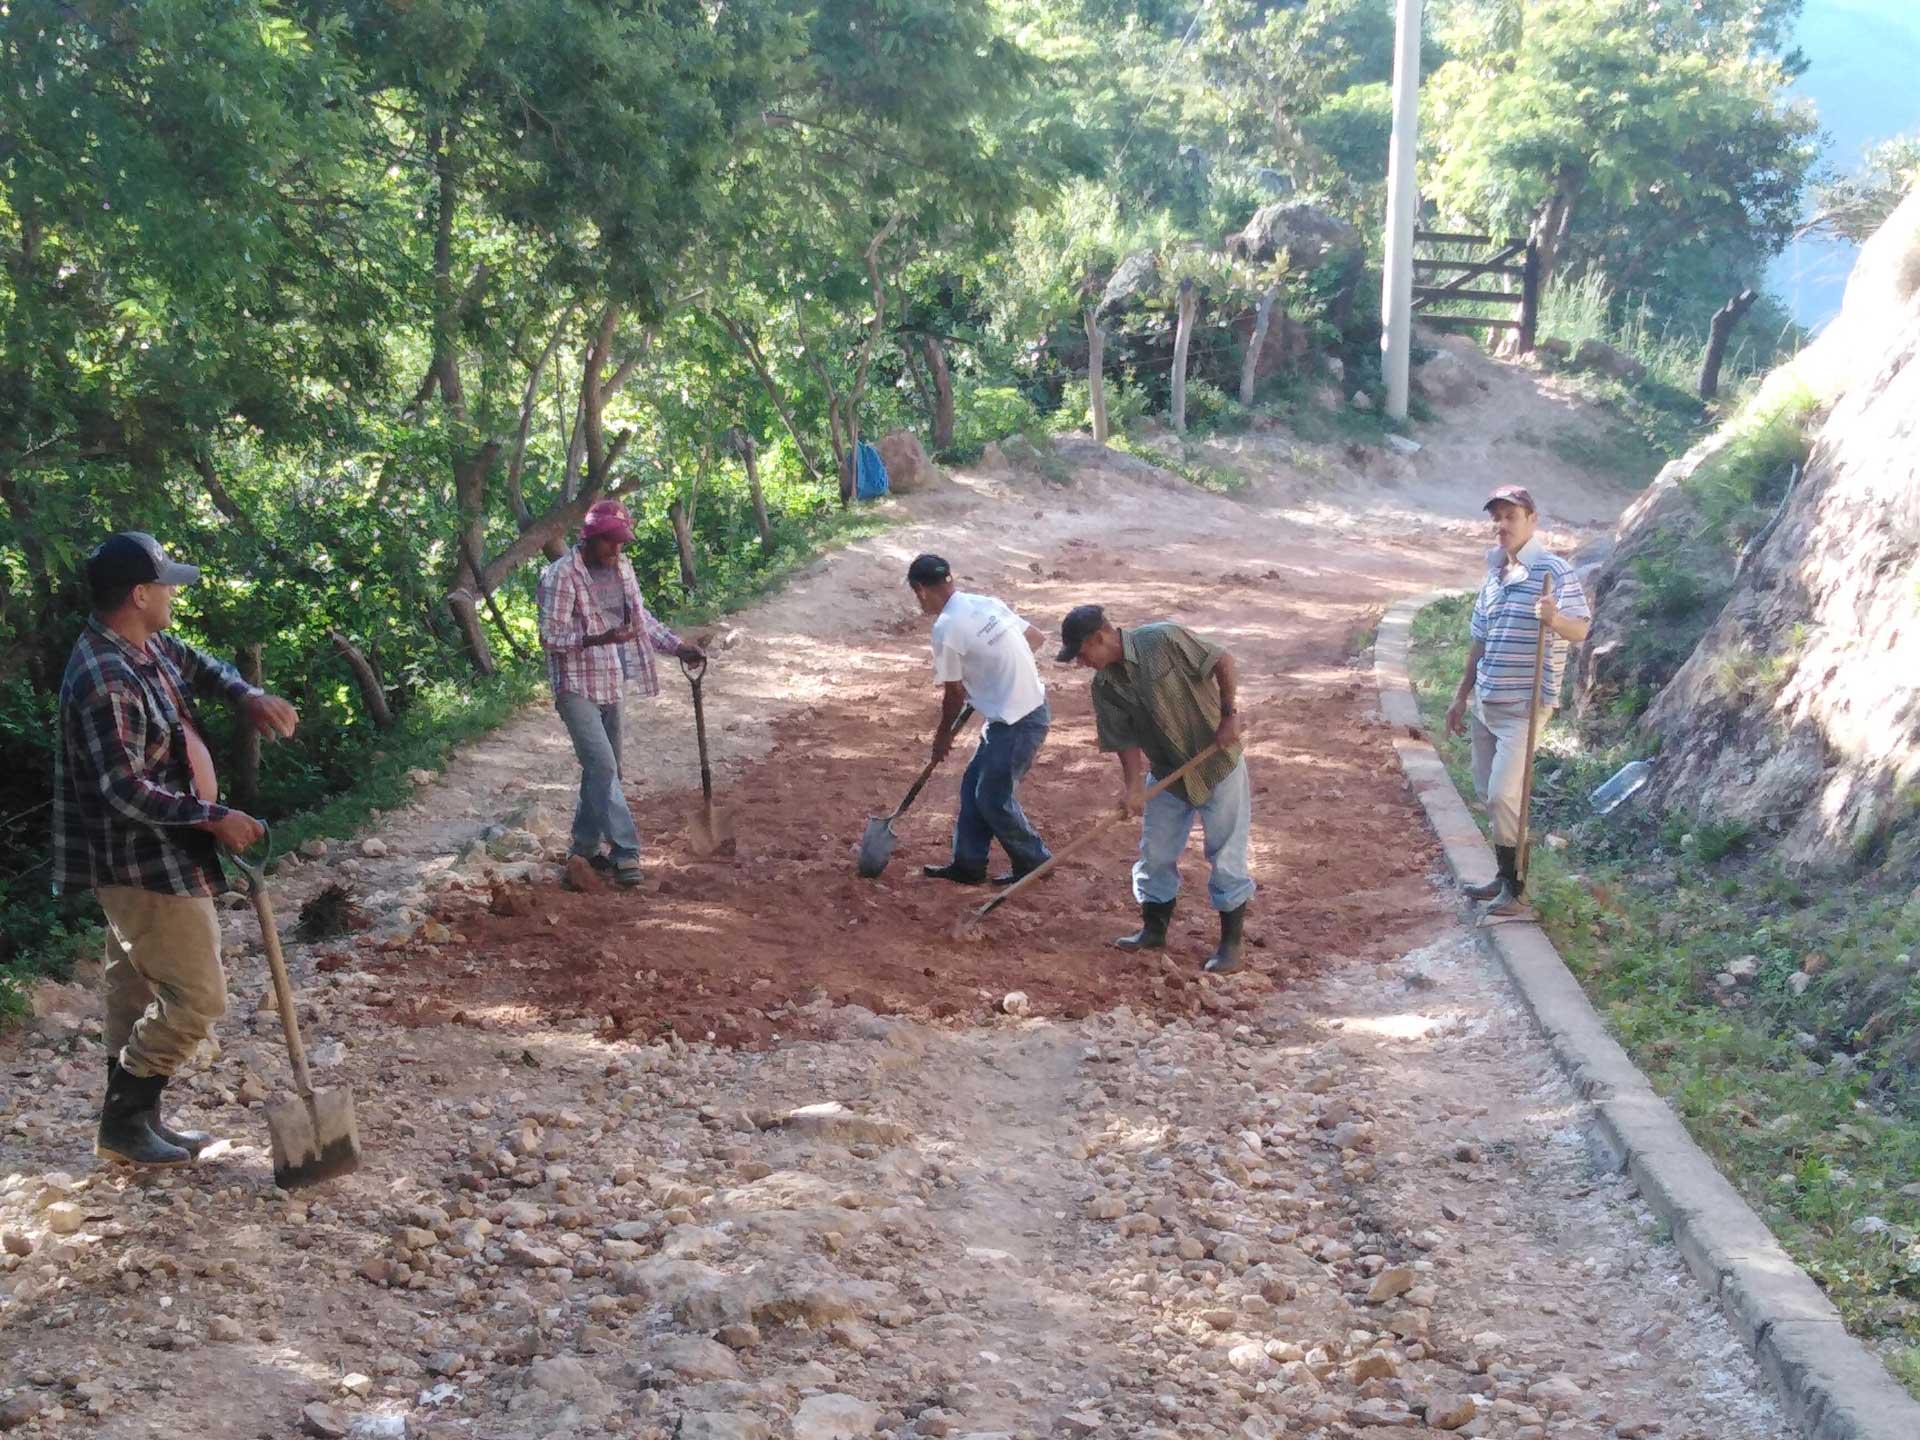 Pobladores de la comunidad Salmerón reparan un camino hacia otras comunidades rurales de San Nicolás.